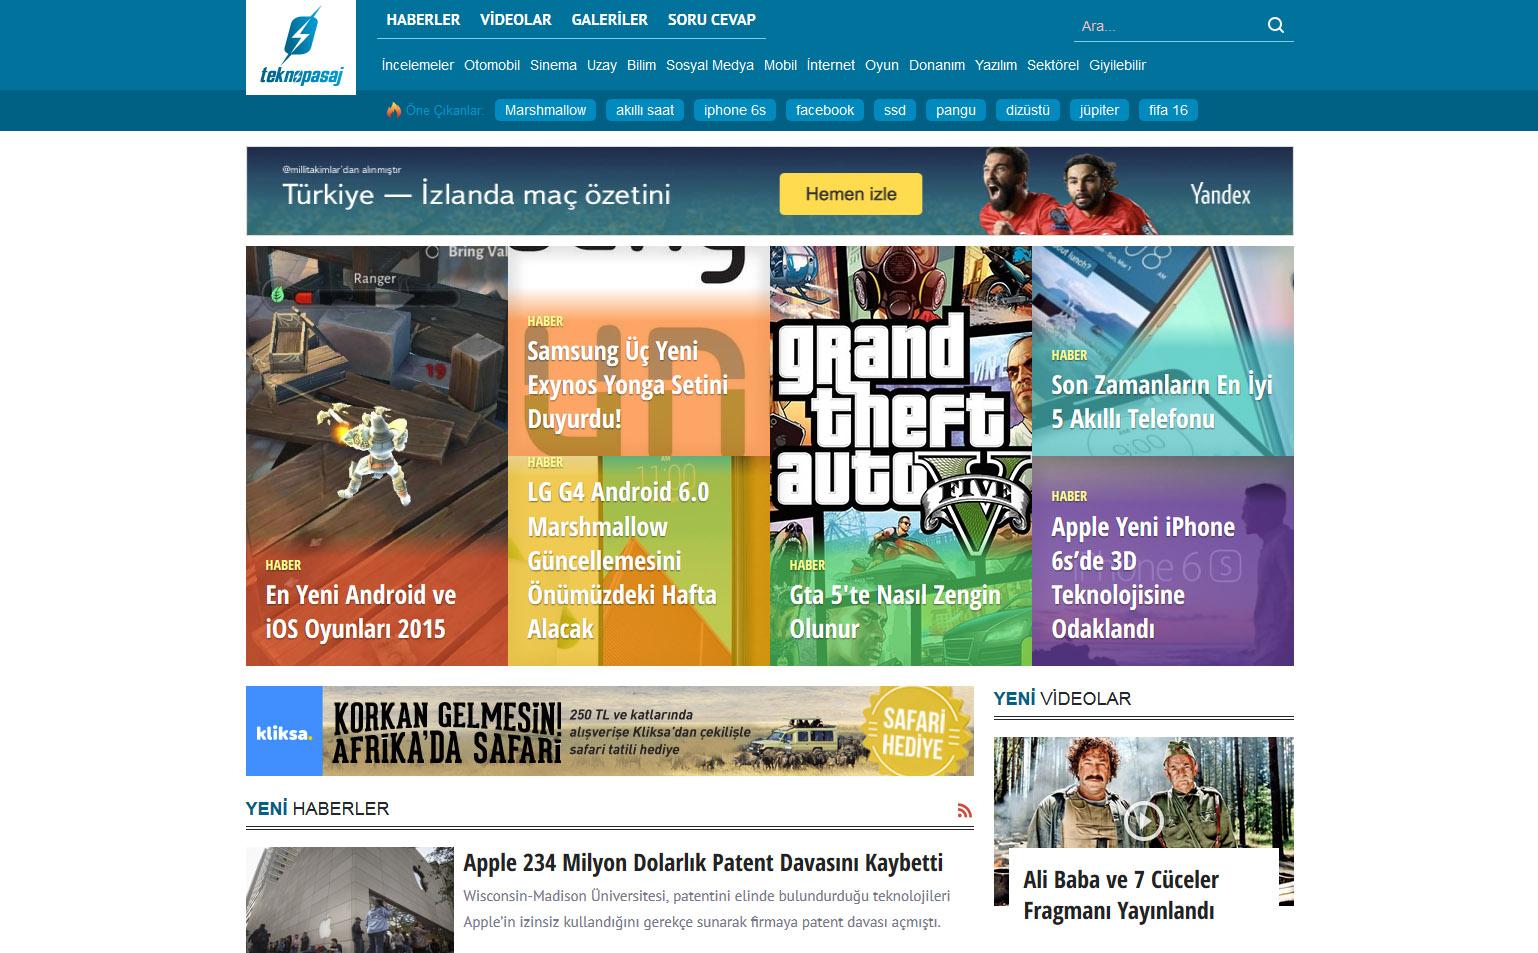 Yeni Teknoloji Haber Sitesi Projemiz : Teknopasaj.com